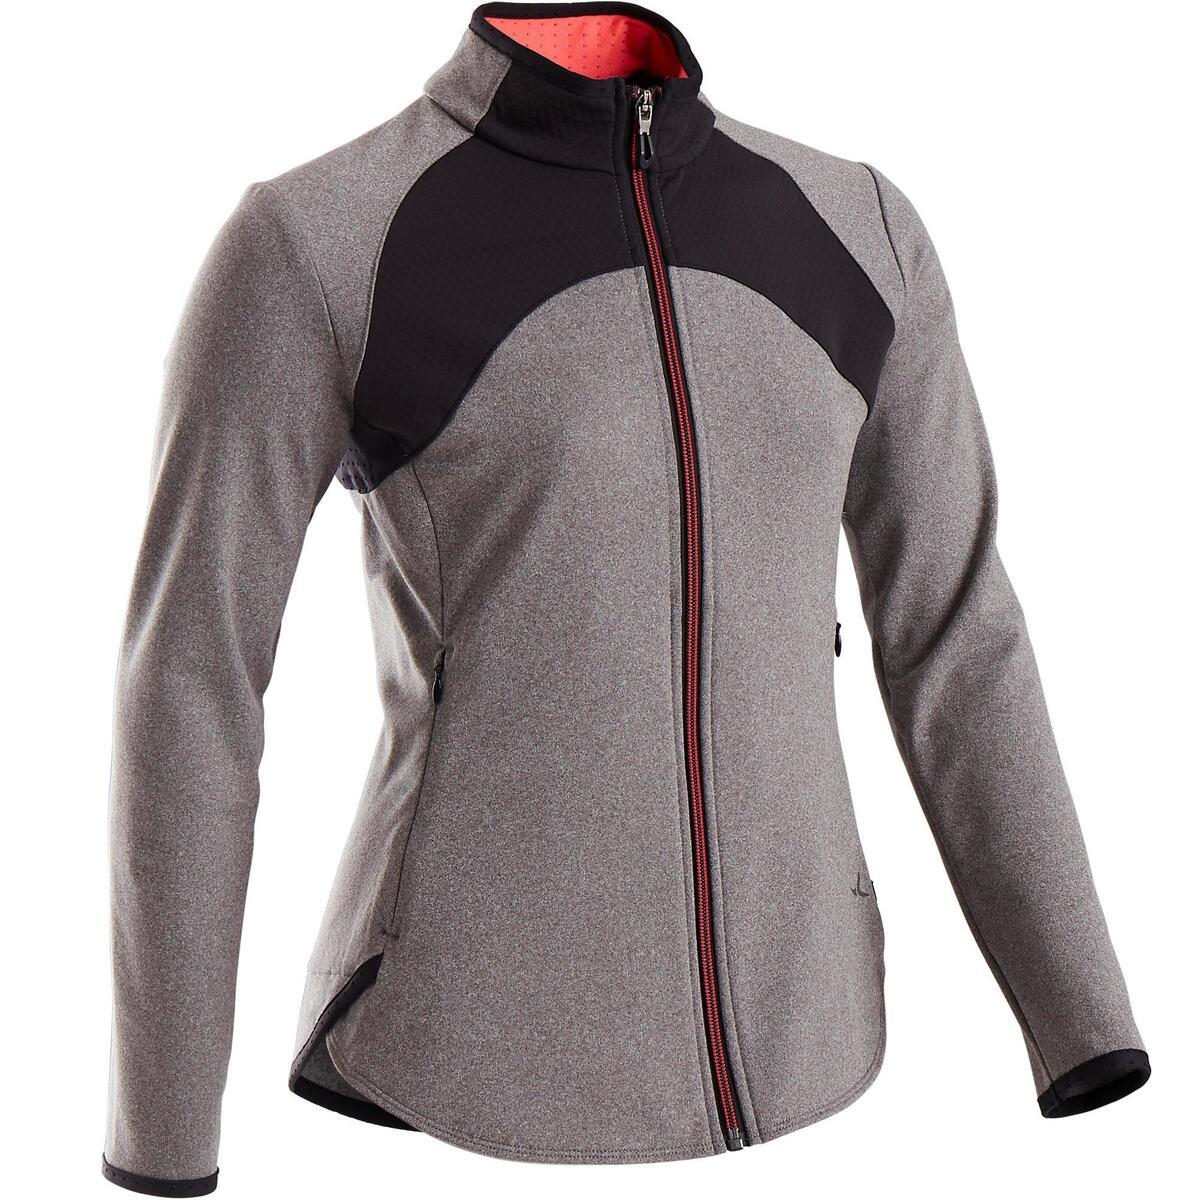 Bild 1 von Trainingsjacke warm atmungsaktiv S900 Gym Kinder grau/schwarze Einsätze